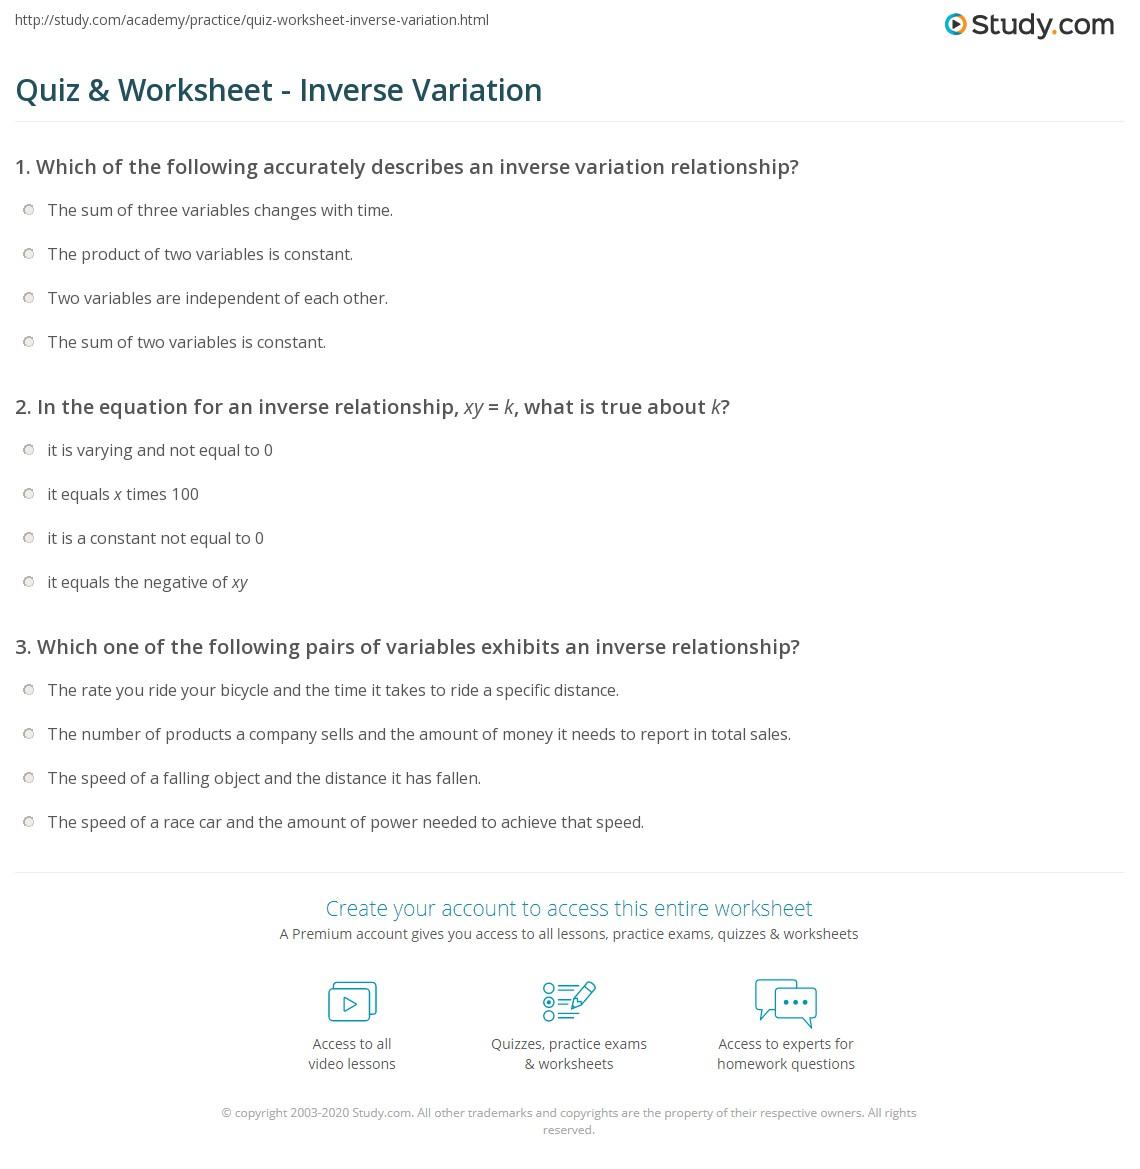 Worksheets Worksheet On Inverse Variation quiz worksheet inverse variation study com print definition equation examples worksheet